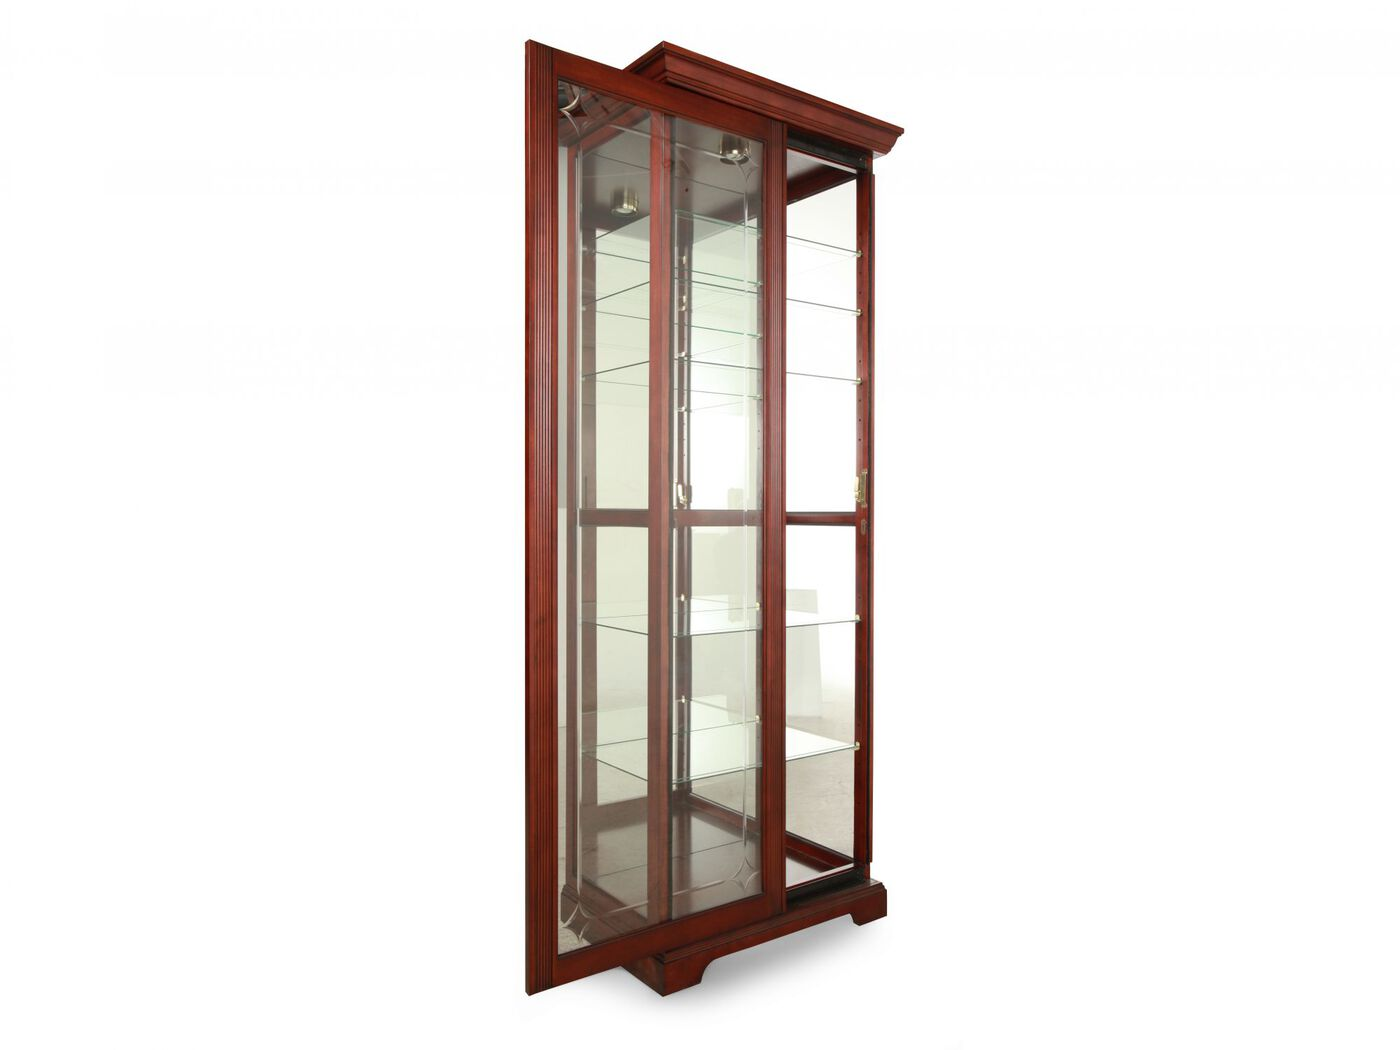 Two Way Door pulaski cherry two-way sliding door curio | mathis brothers furniture